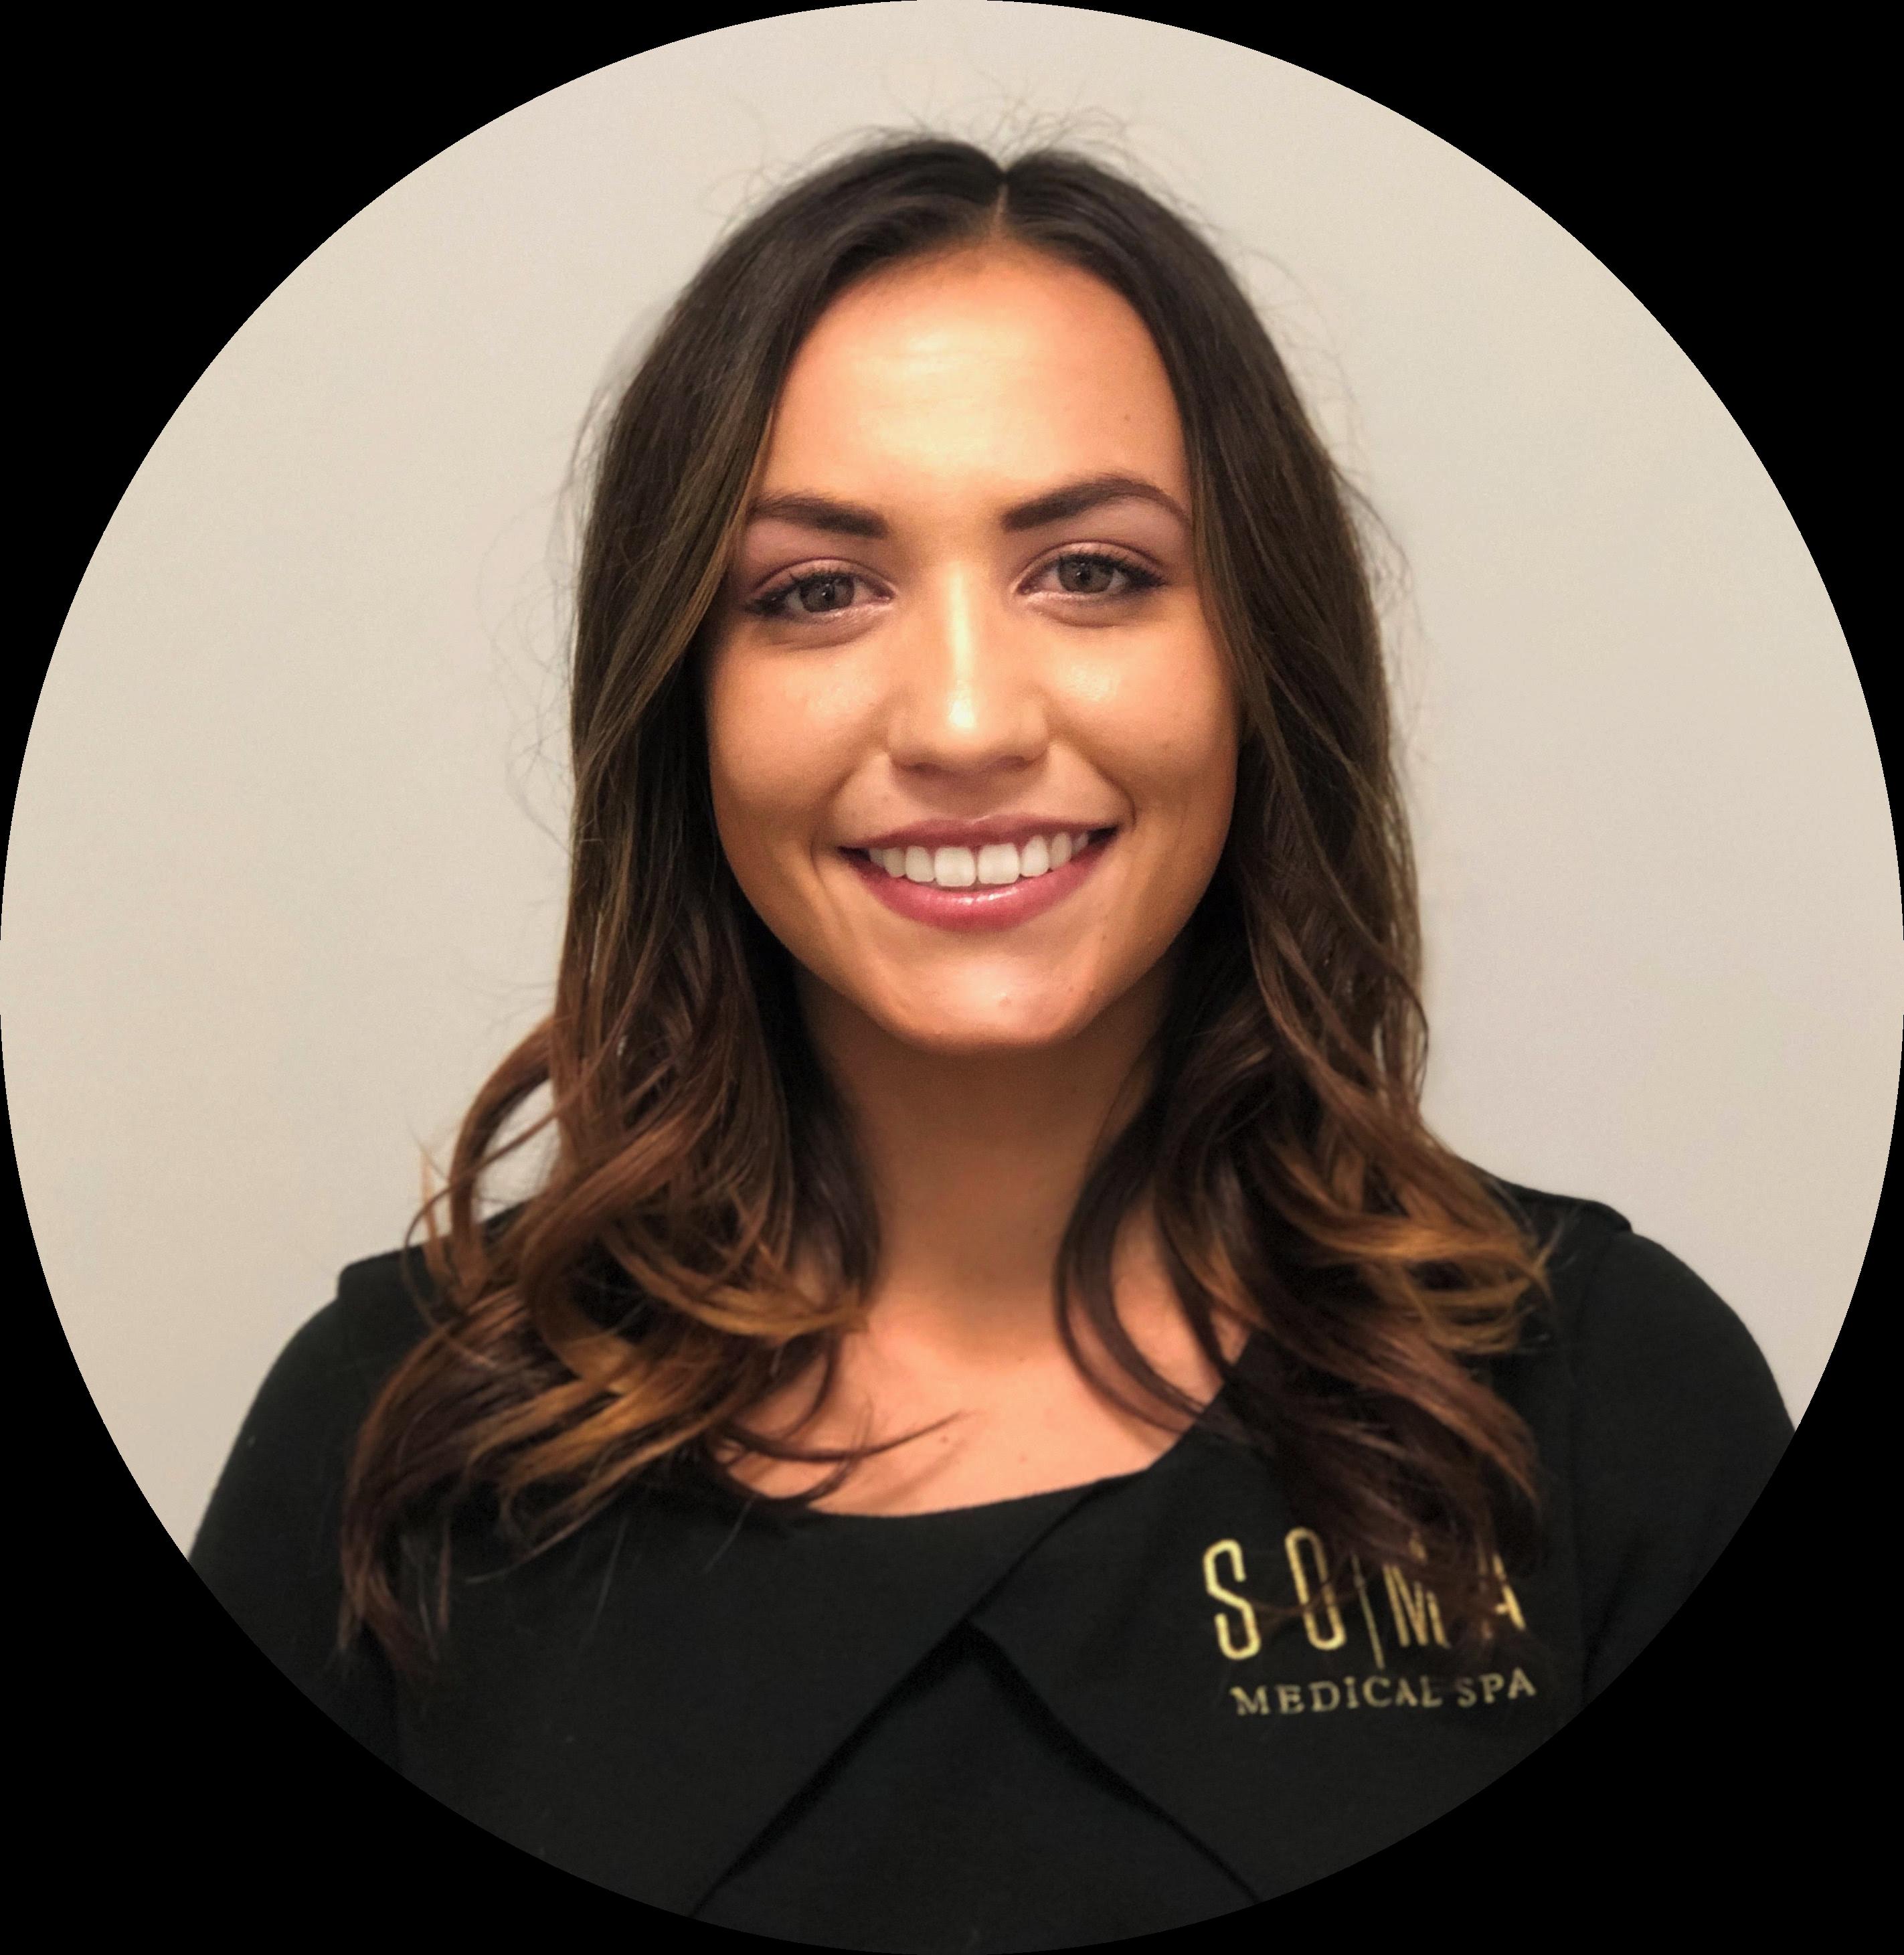 Francesca Sheppard | Soma Medical Spa in Glendale, CA